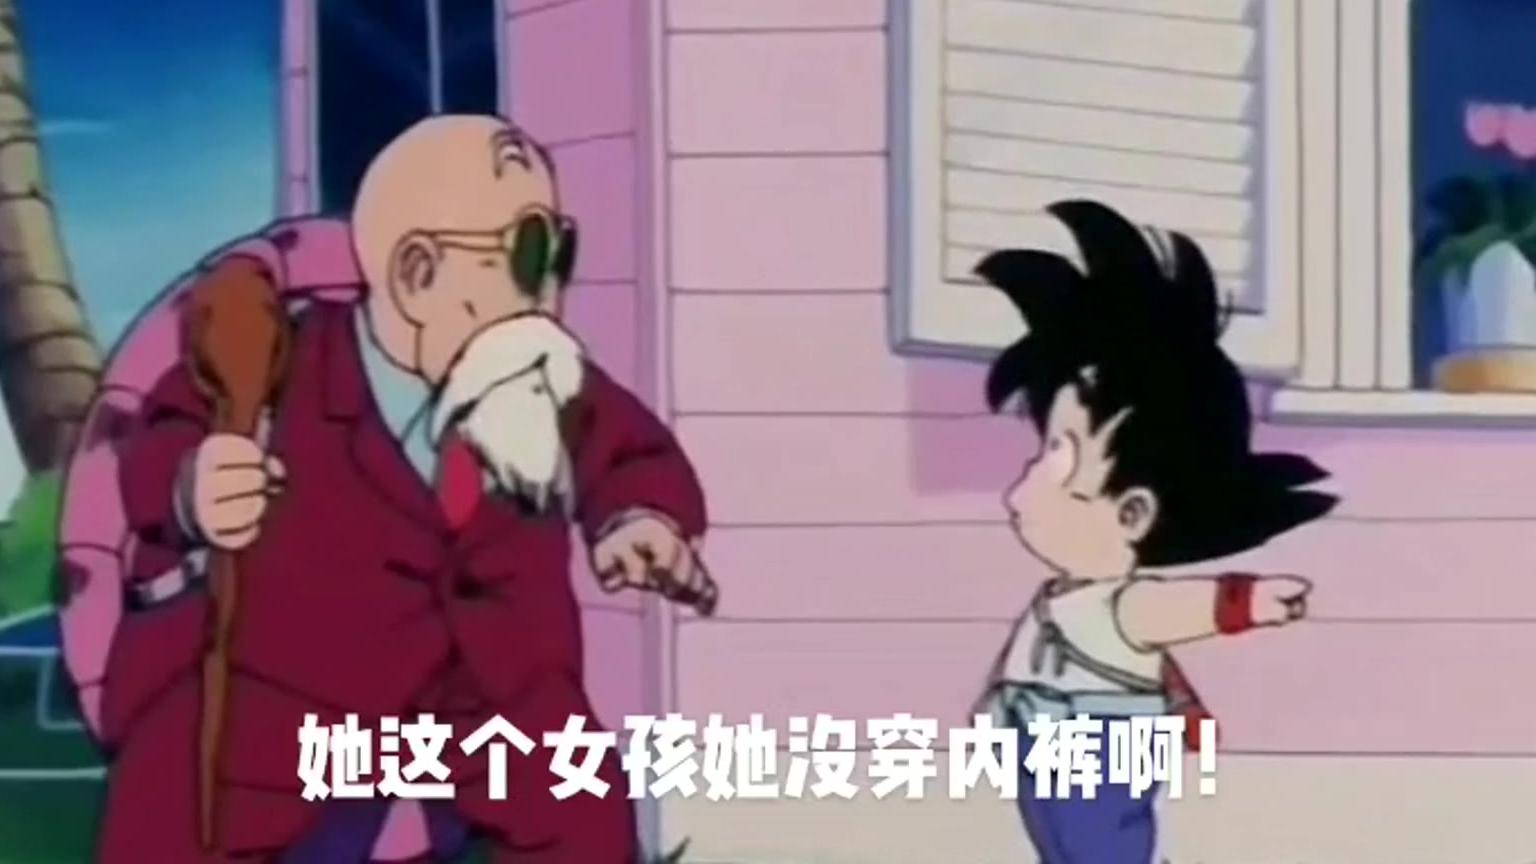 速看《七龙珠TV》第9集:悟空和克林正式拜师、代价是找女人!